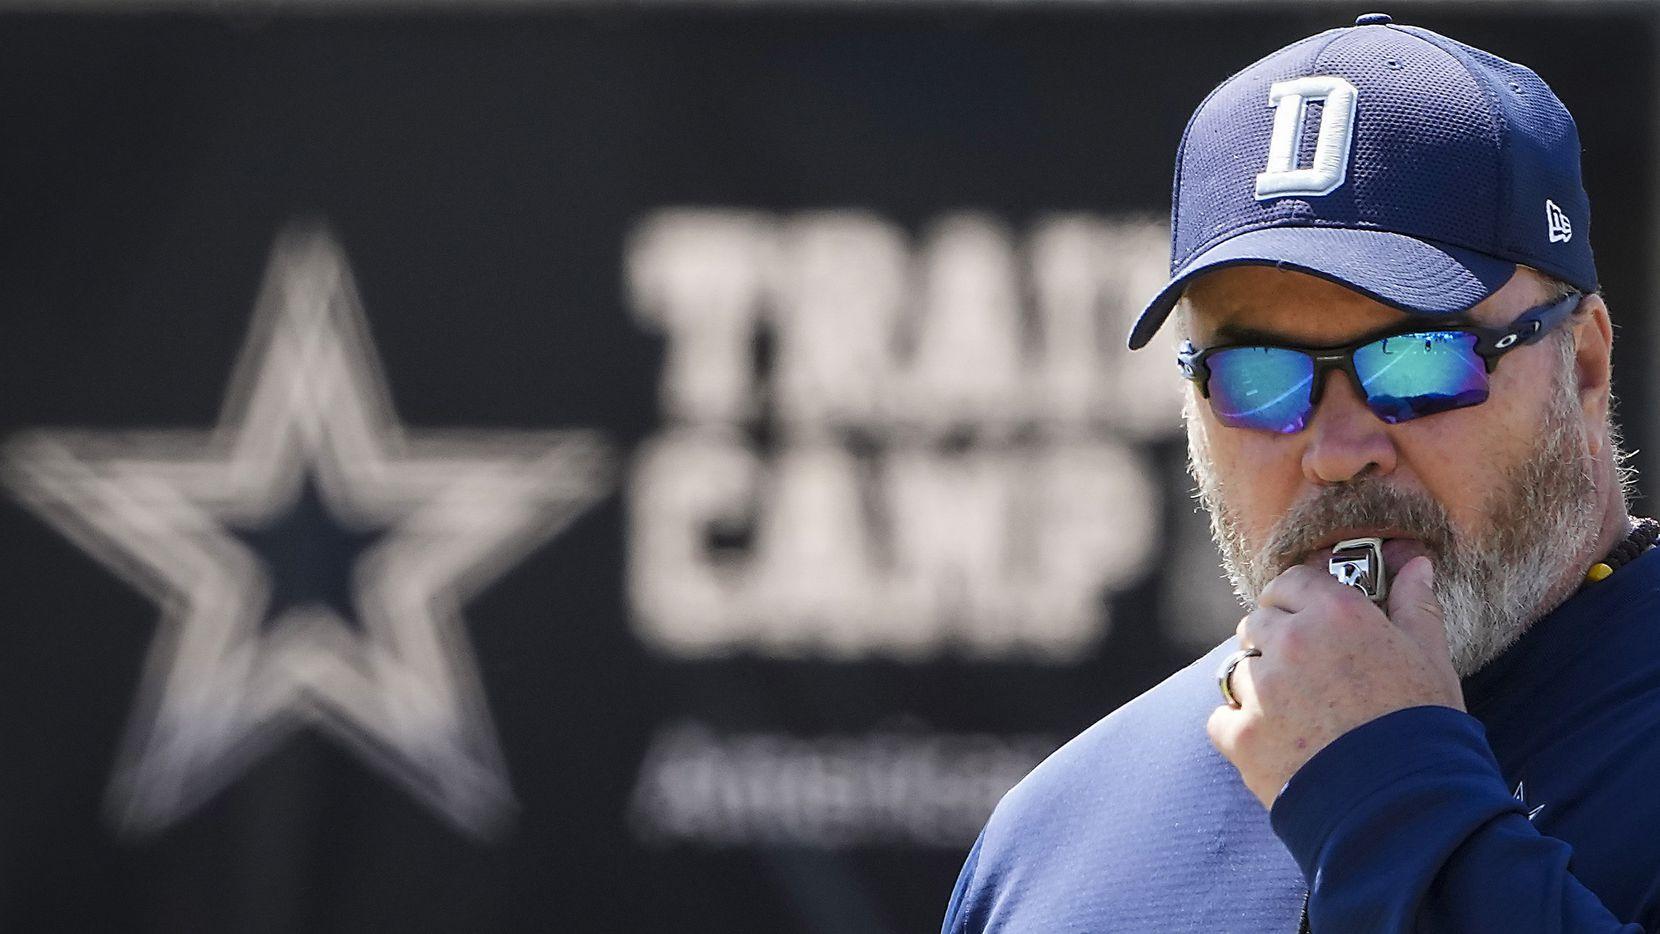 El entrenador en jefe de los Cowboys de Dallas, Mike McCarthy, hace sonar un silbato durante una práctica en el campo de entrenamiento, el martes 10 de agosto de 2021 en Oxnard, California.